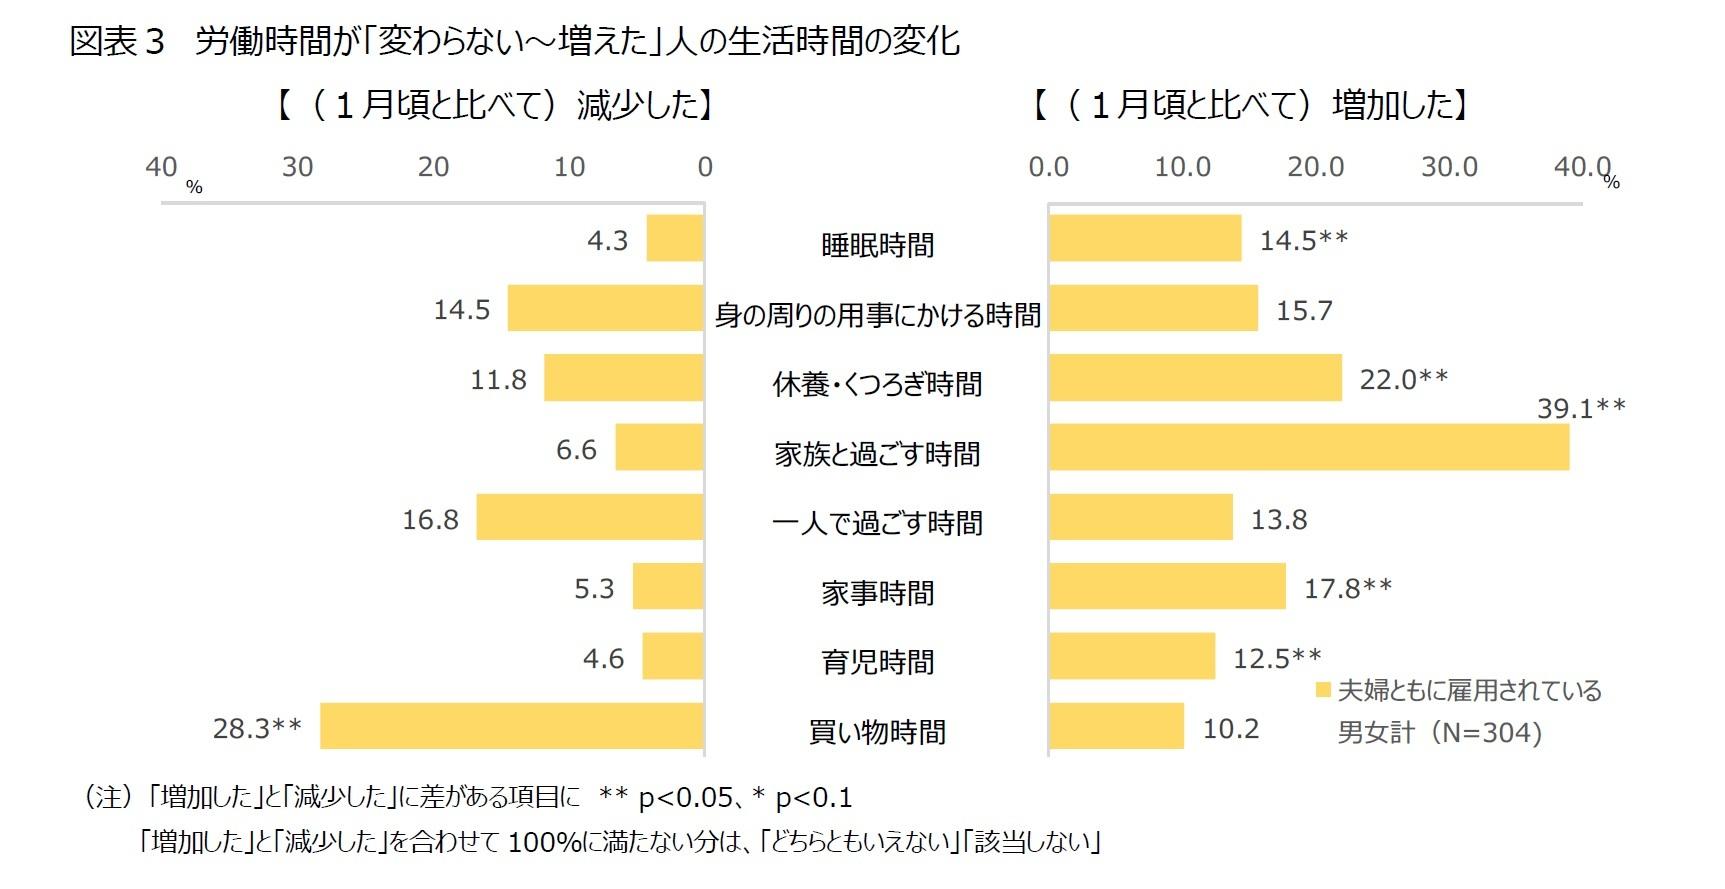 図表3 労働時間が「変わらない~増えた」人の生活時間の変化